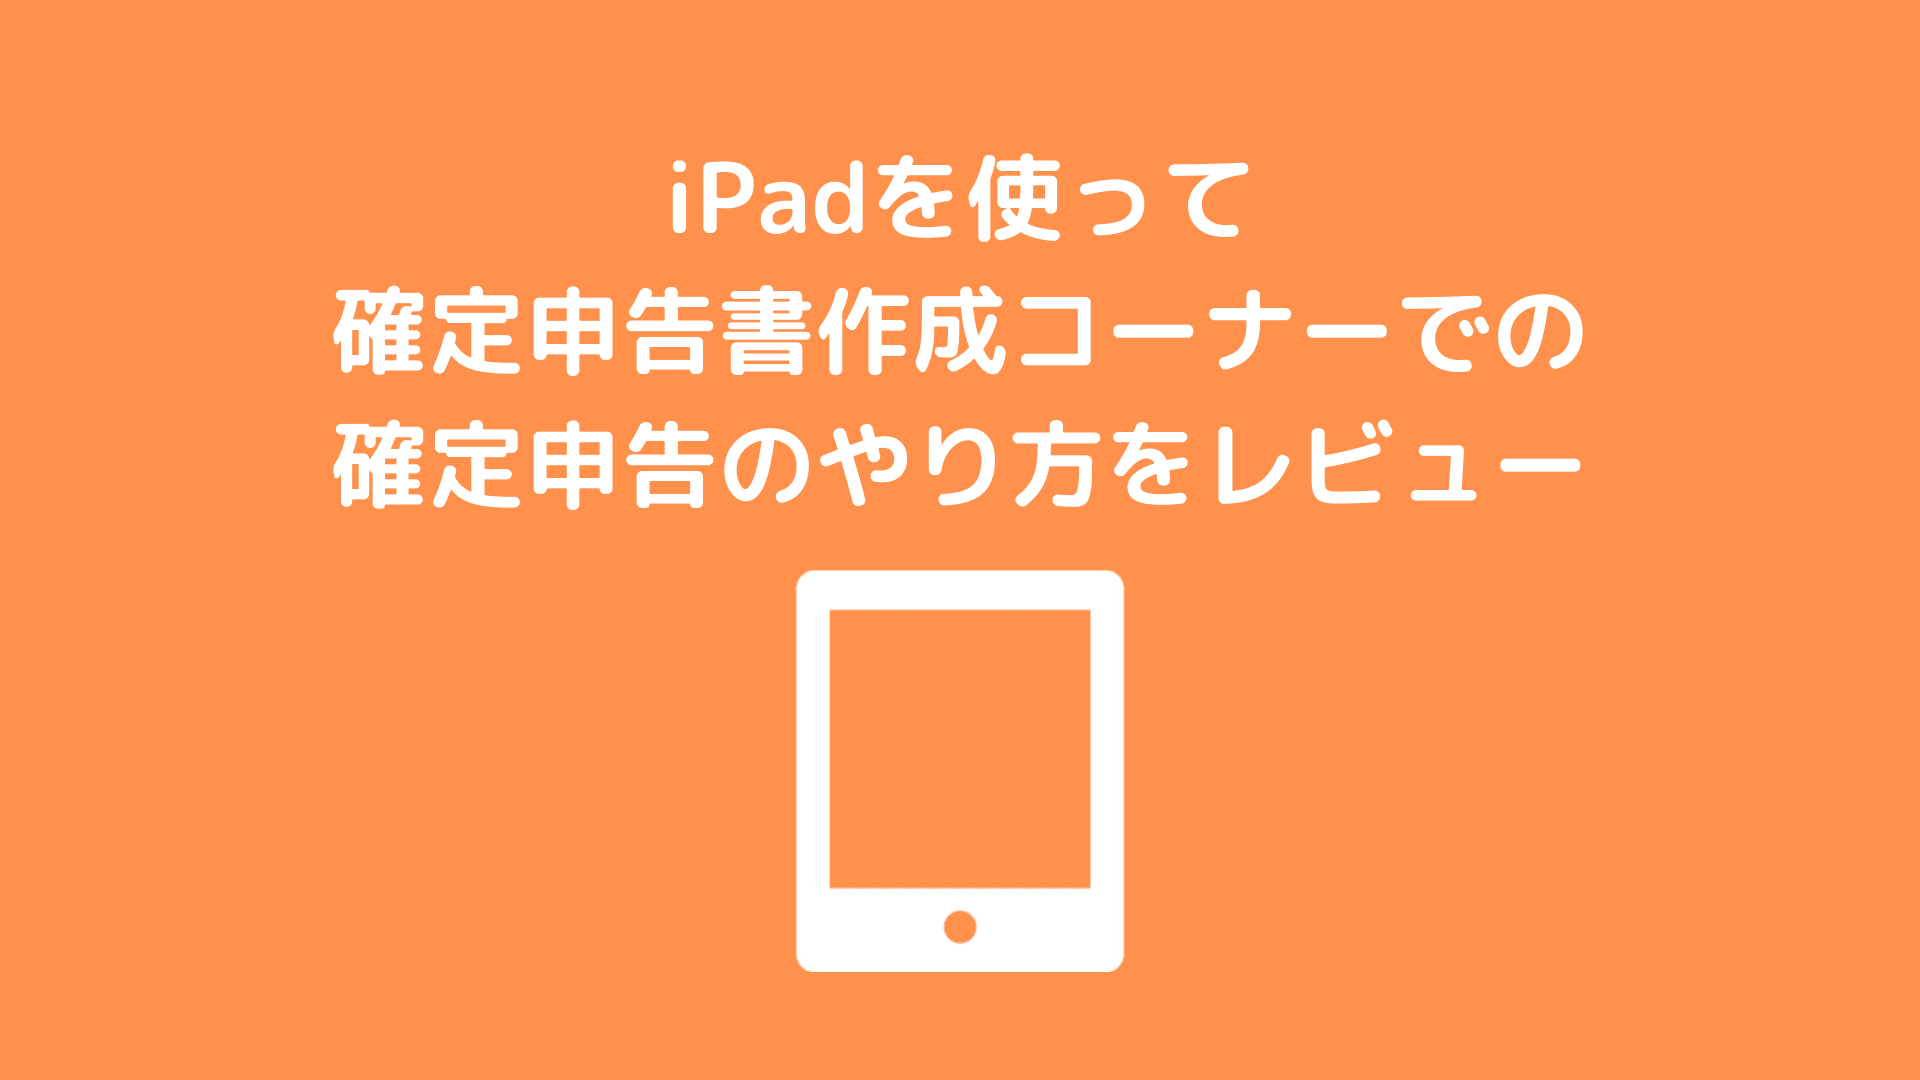 iPadを使って確定申告書作成コーナーでの確定申告のやり方をレビュー